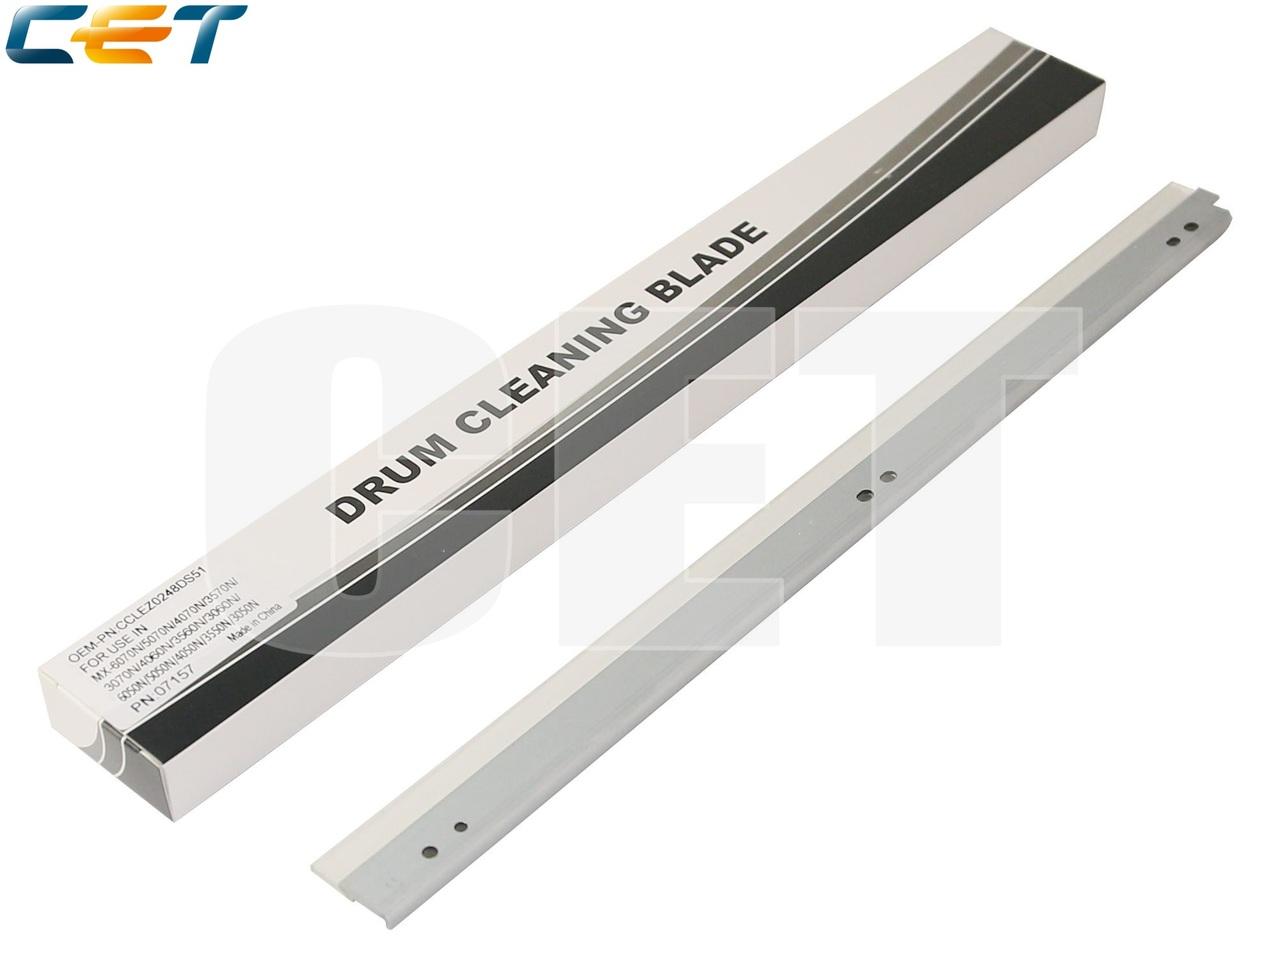 Ракель CCLEZ0248DS51 для SHARPMX-3050N/3060N/3550N/3570N/4050N/4070N/5050N/5070N/6070N (CET), CET7157